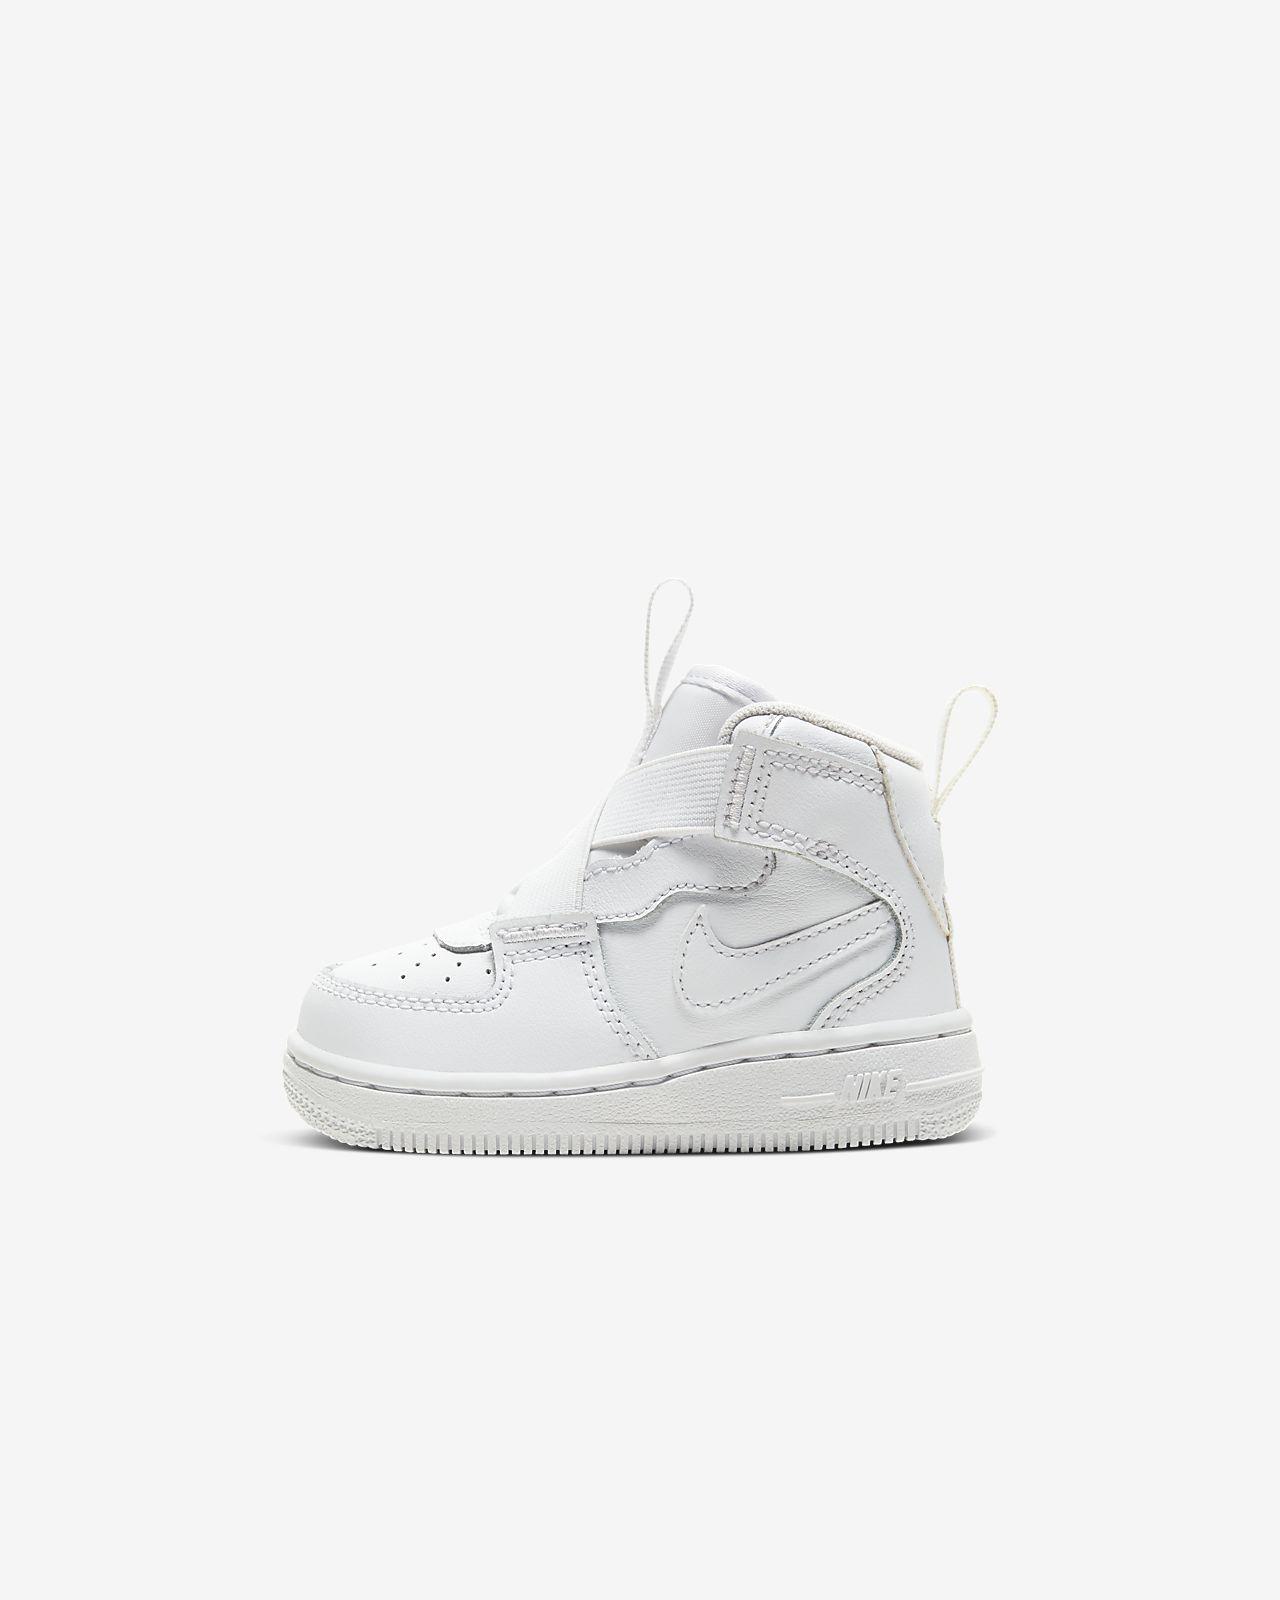 Sko Nike Force 1 Highness för baby/små barn